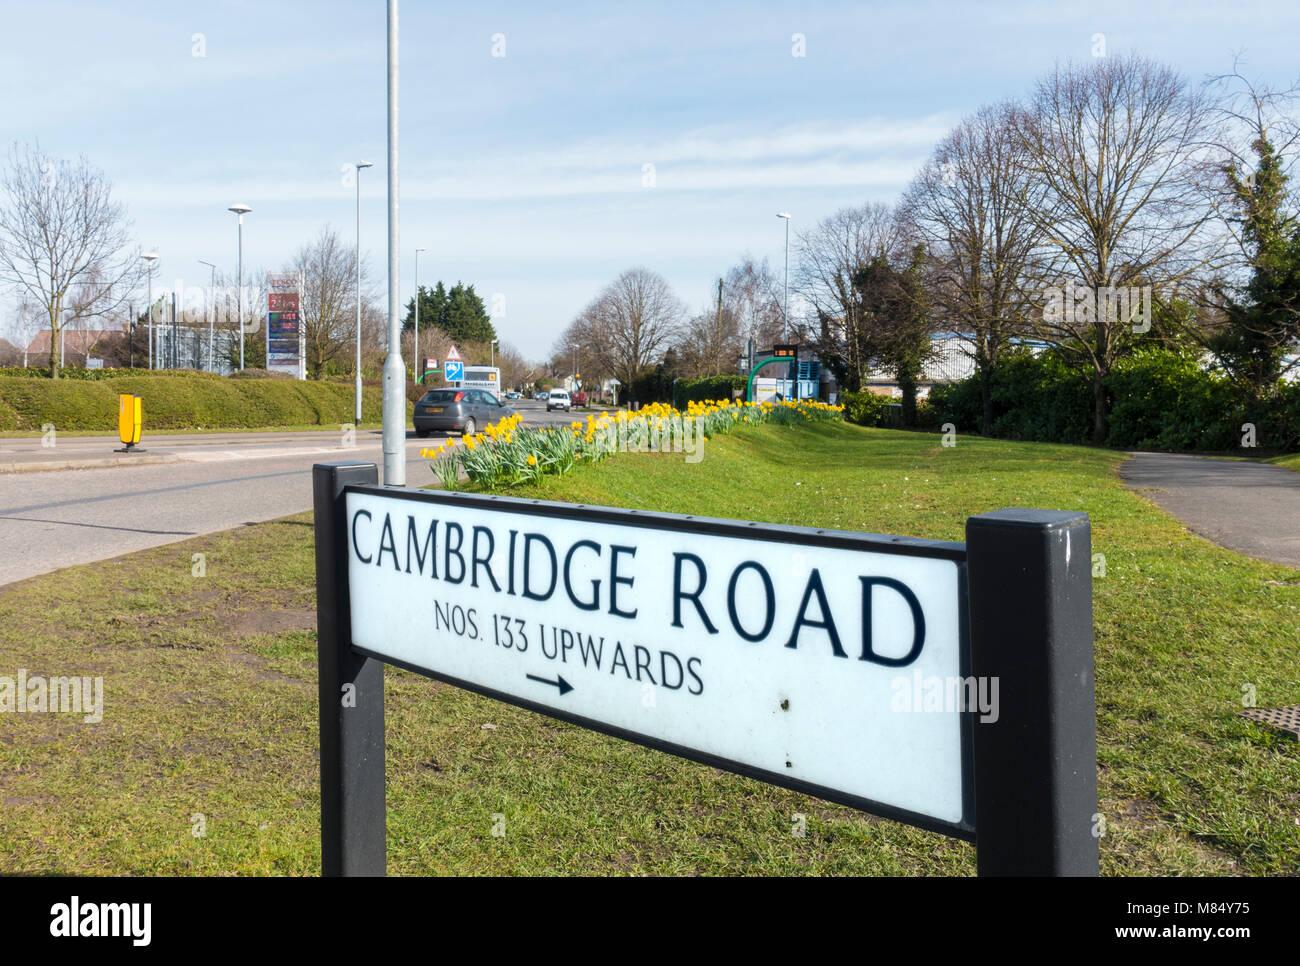 cambridge-road-sign-milton-M84Y75.jpg